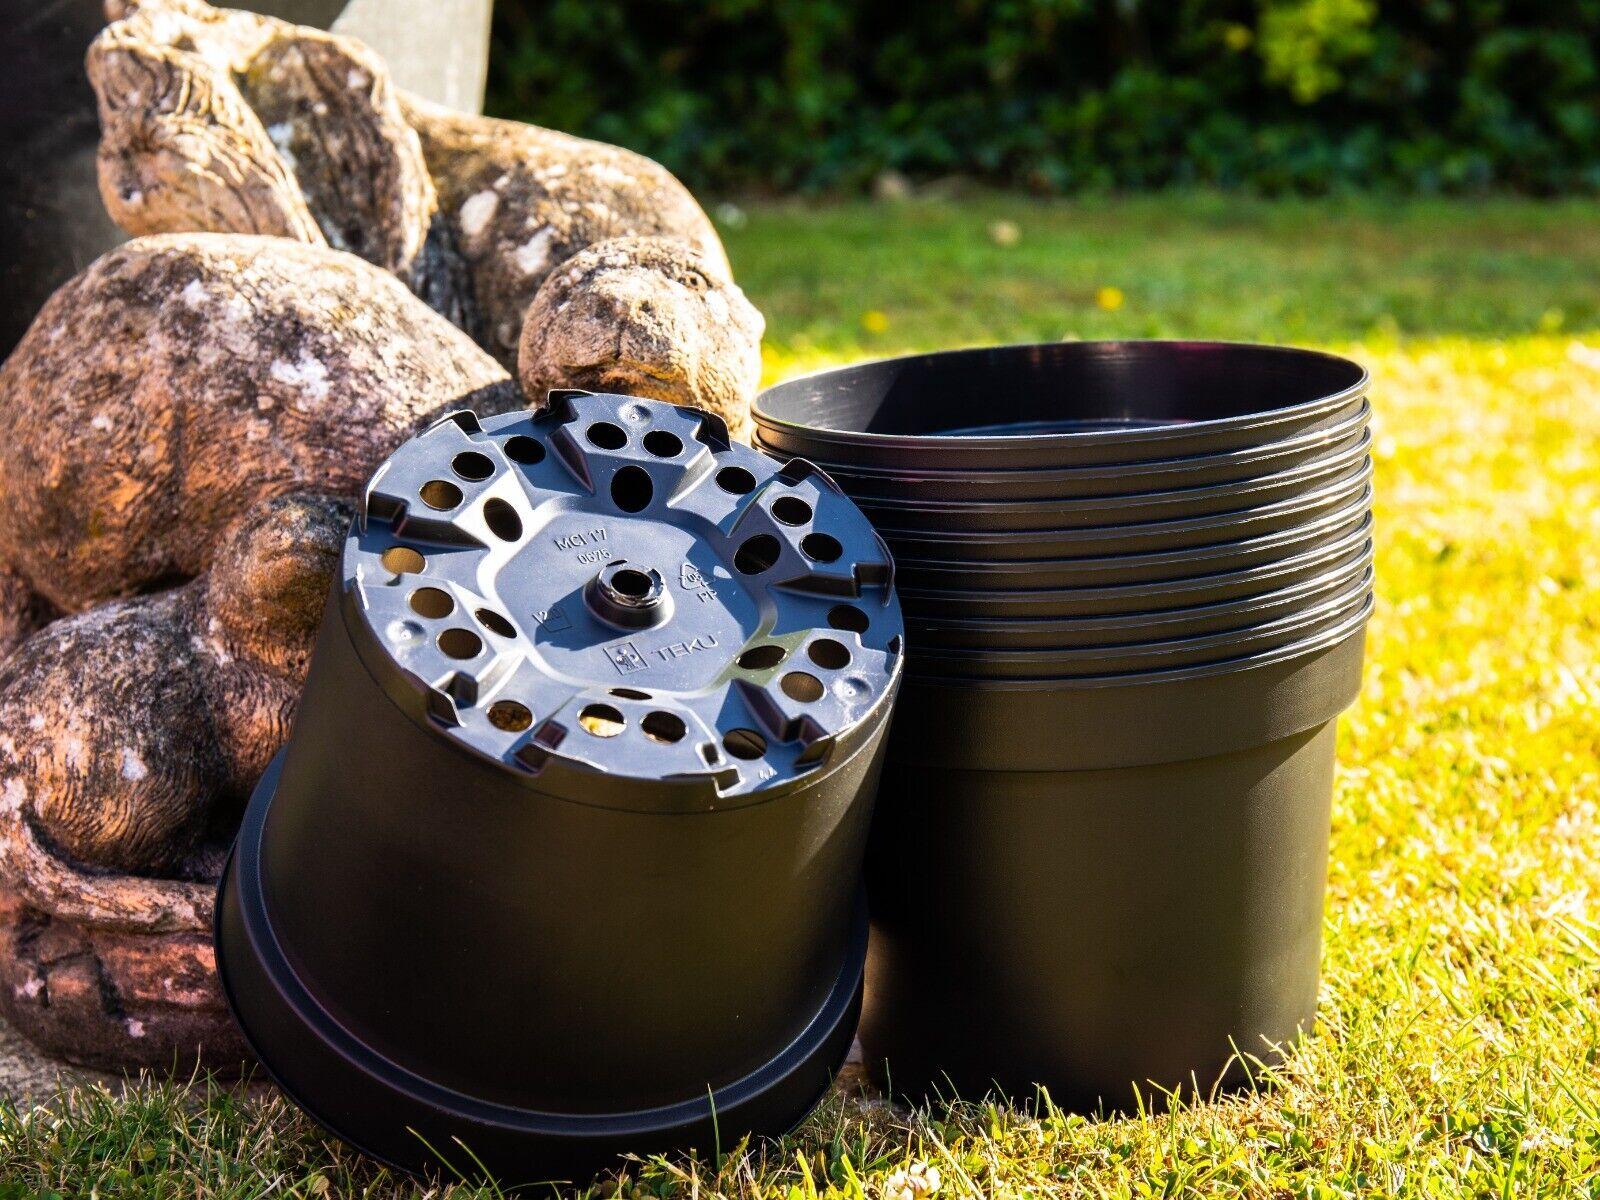 10 2litre black round plant pots